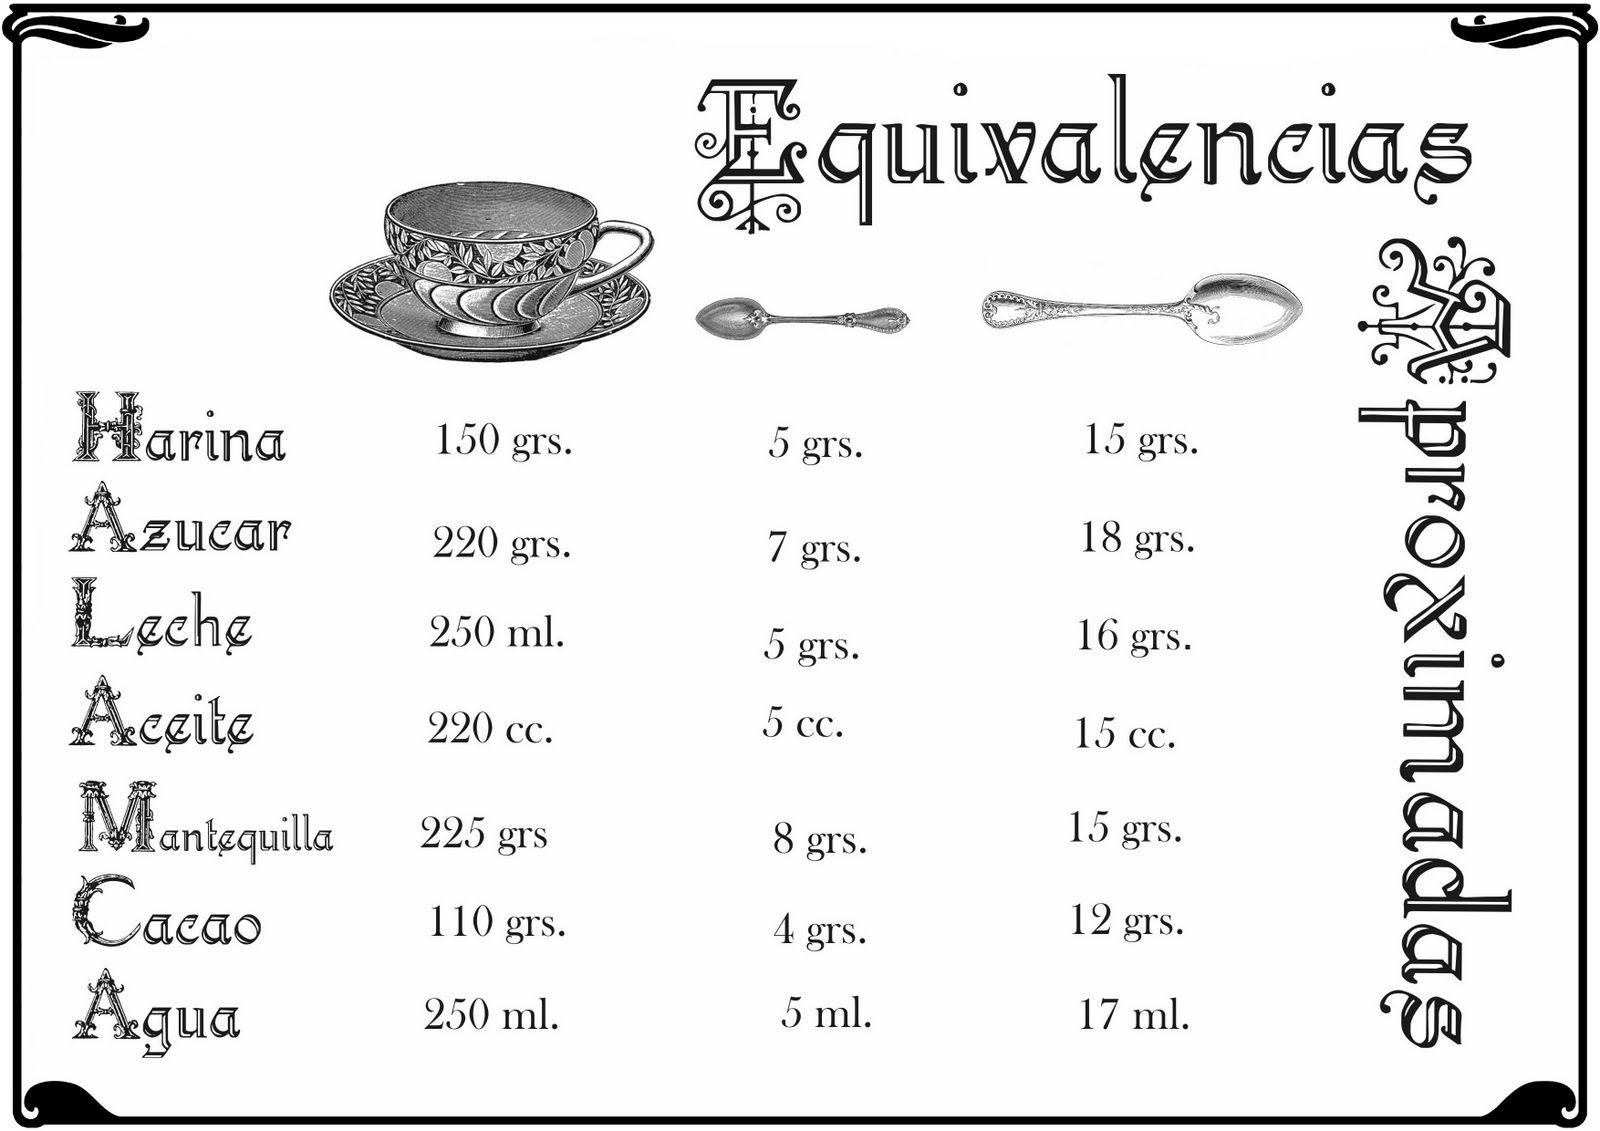 Datos de medidas para utensilios cocina buscar con for Medidas para cocinar